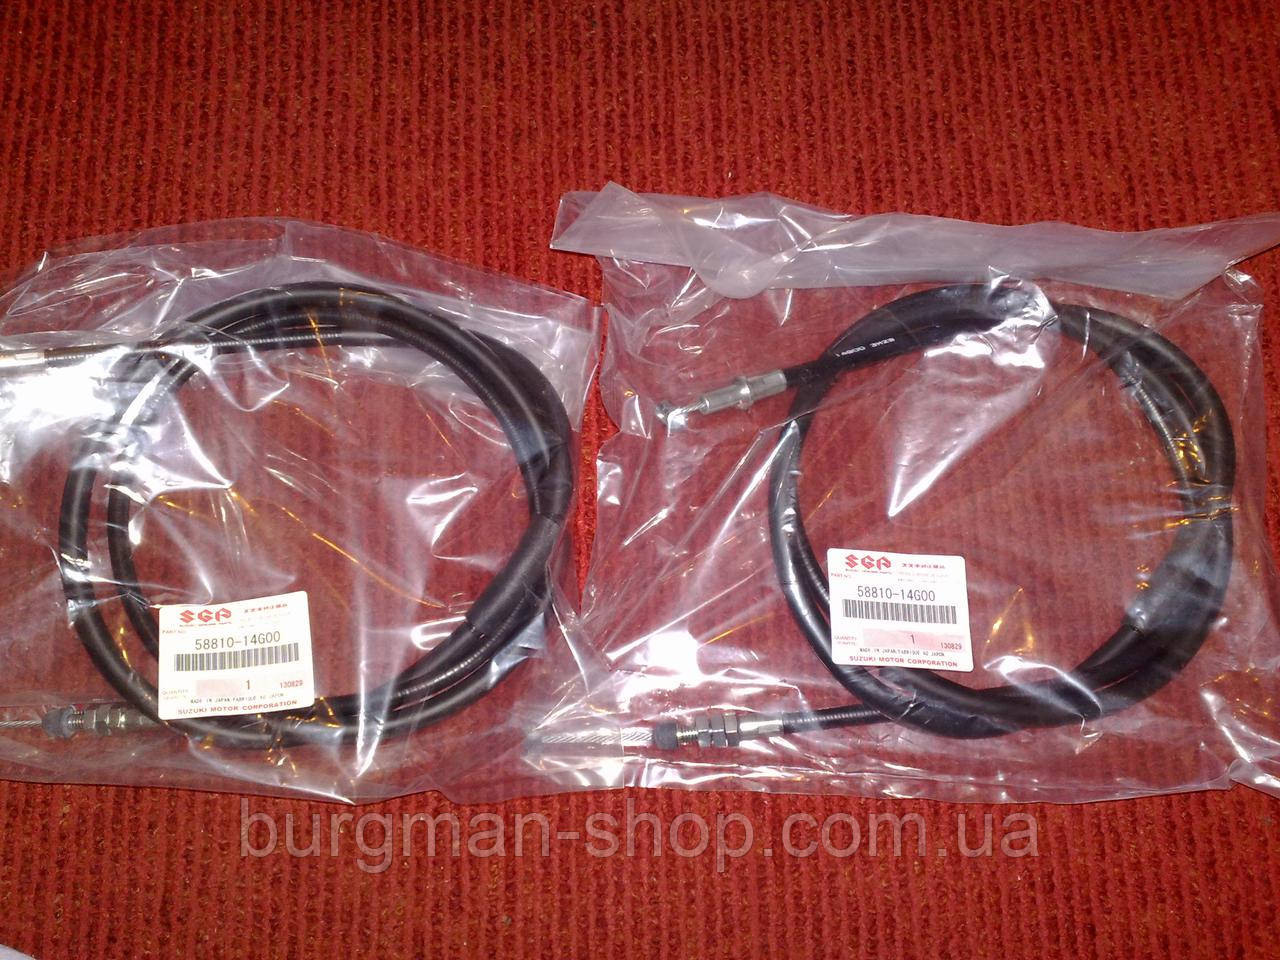 Трос ручника 250/400сс 03-06г Suzuki Burgman SkyWave 58810-14G00